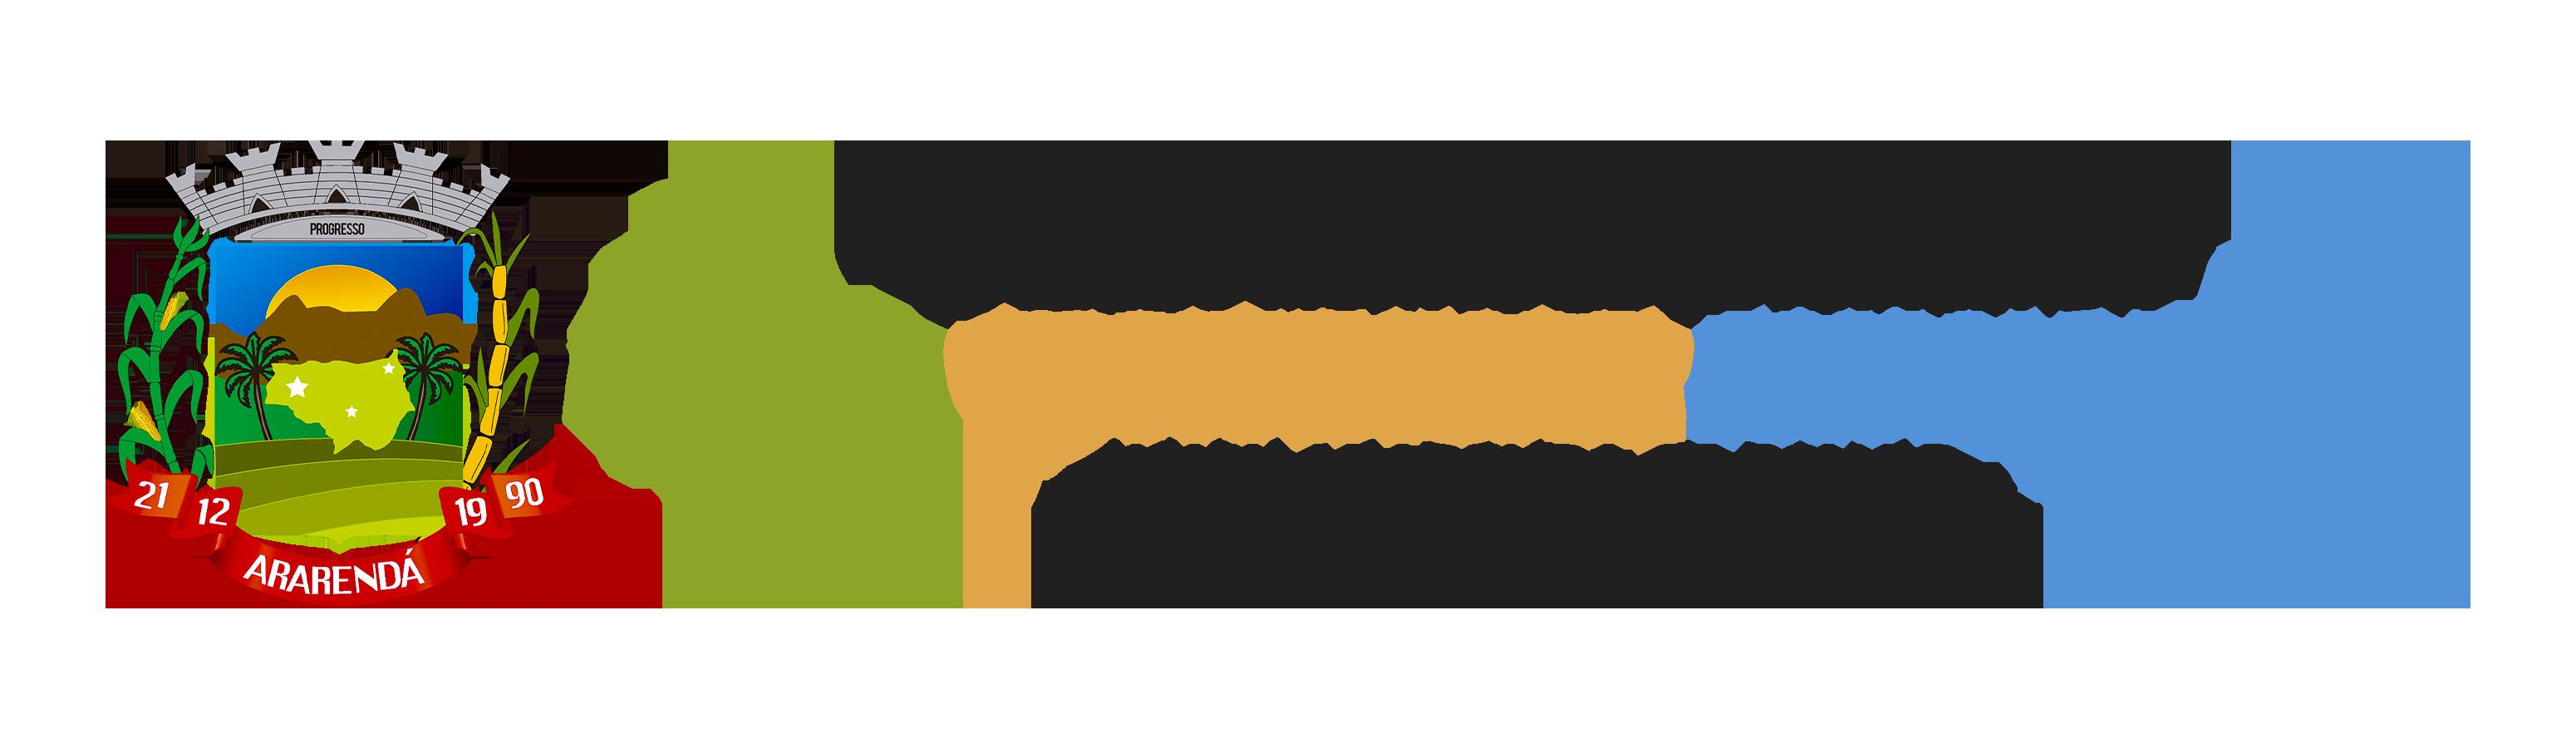 Prefeitura Municipal de Ararendá – CE